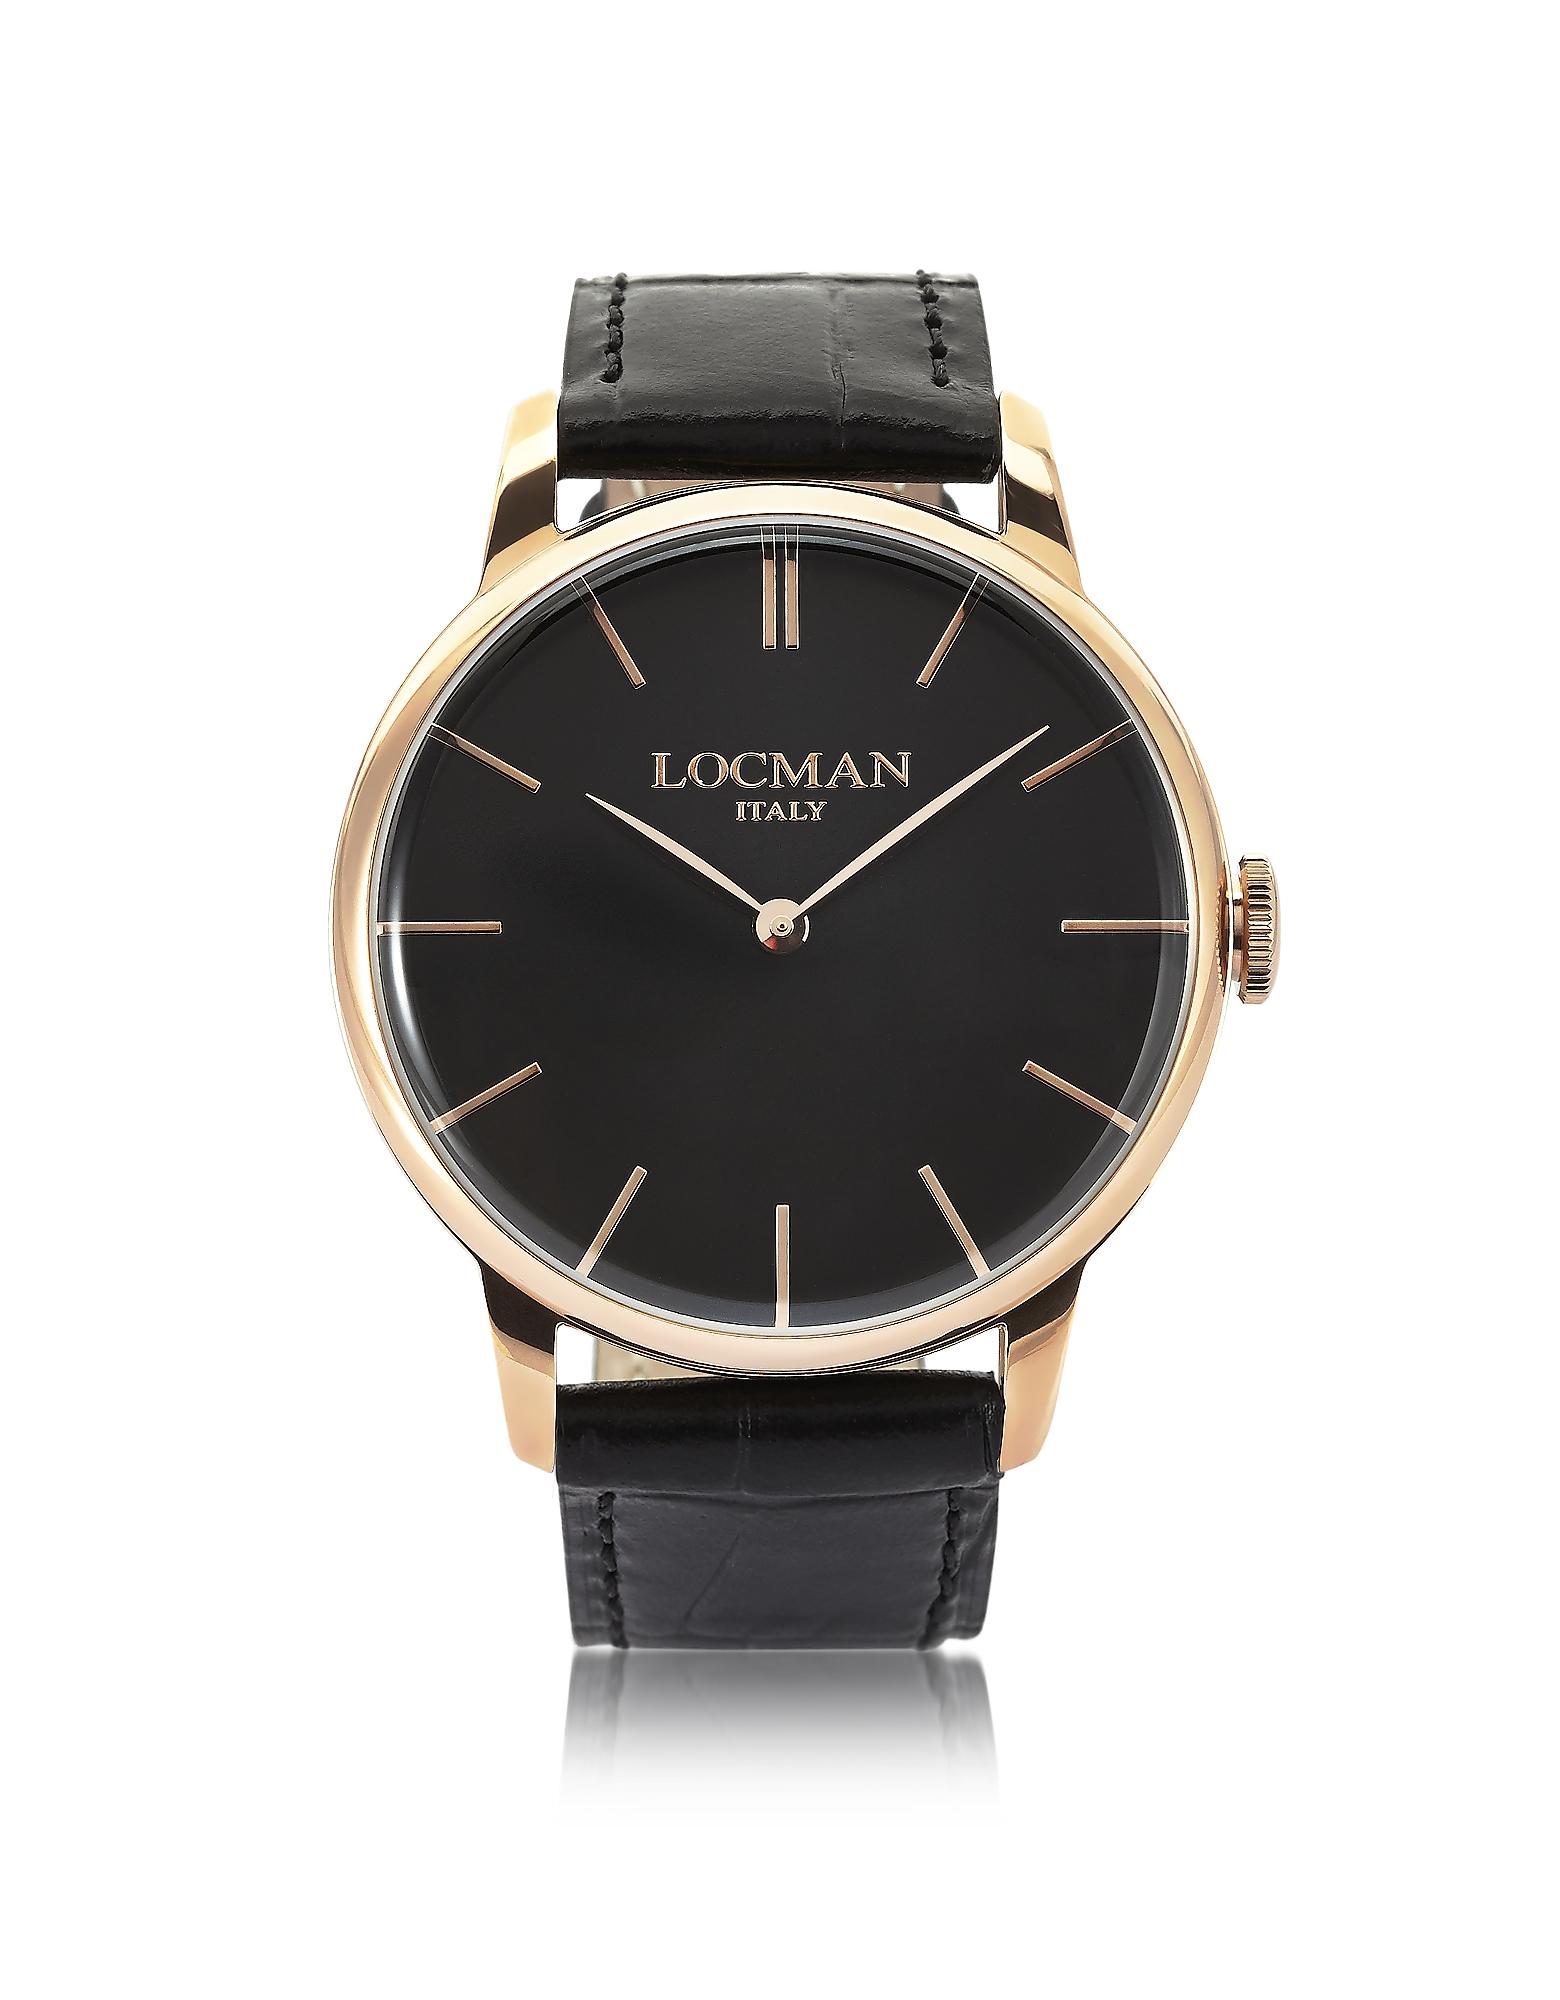 Locman 1960 - ������� ���� �� ����������� ����� � ���������� �������� ������